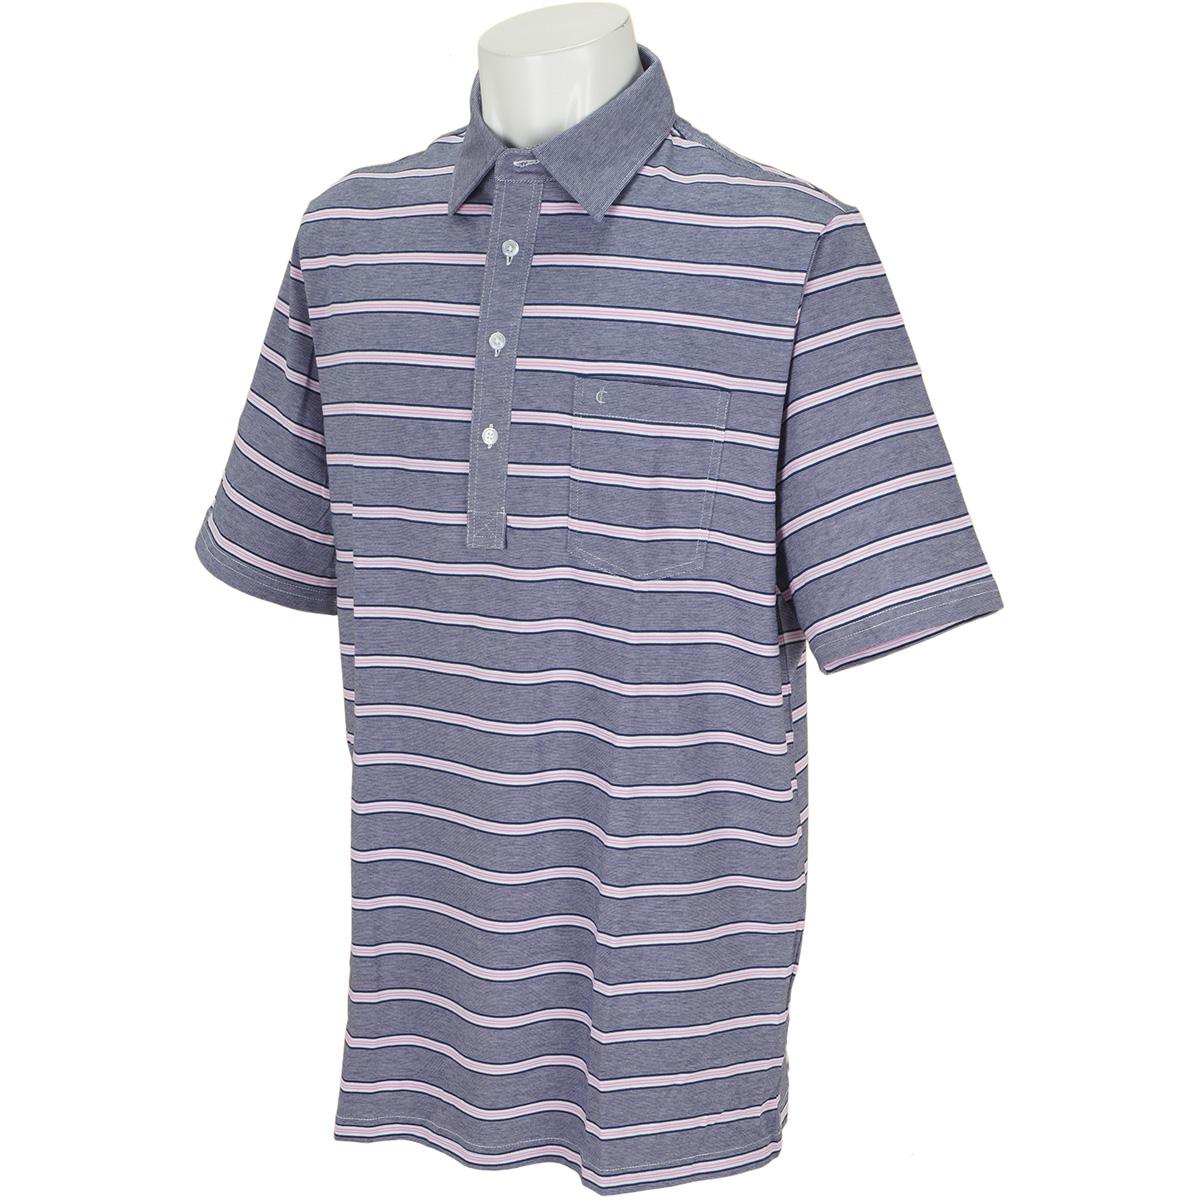 クラシックレンジ 半袖ポロシャツ